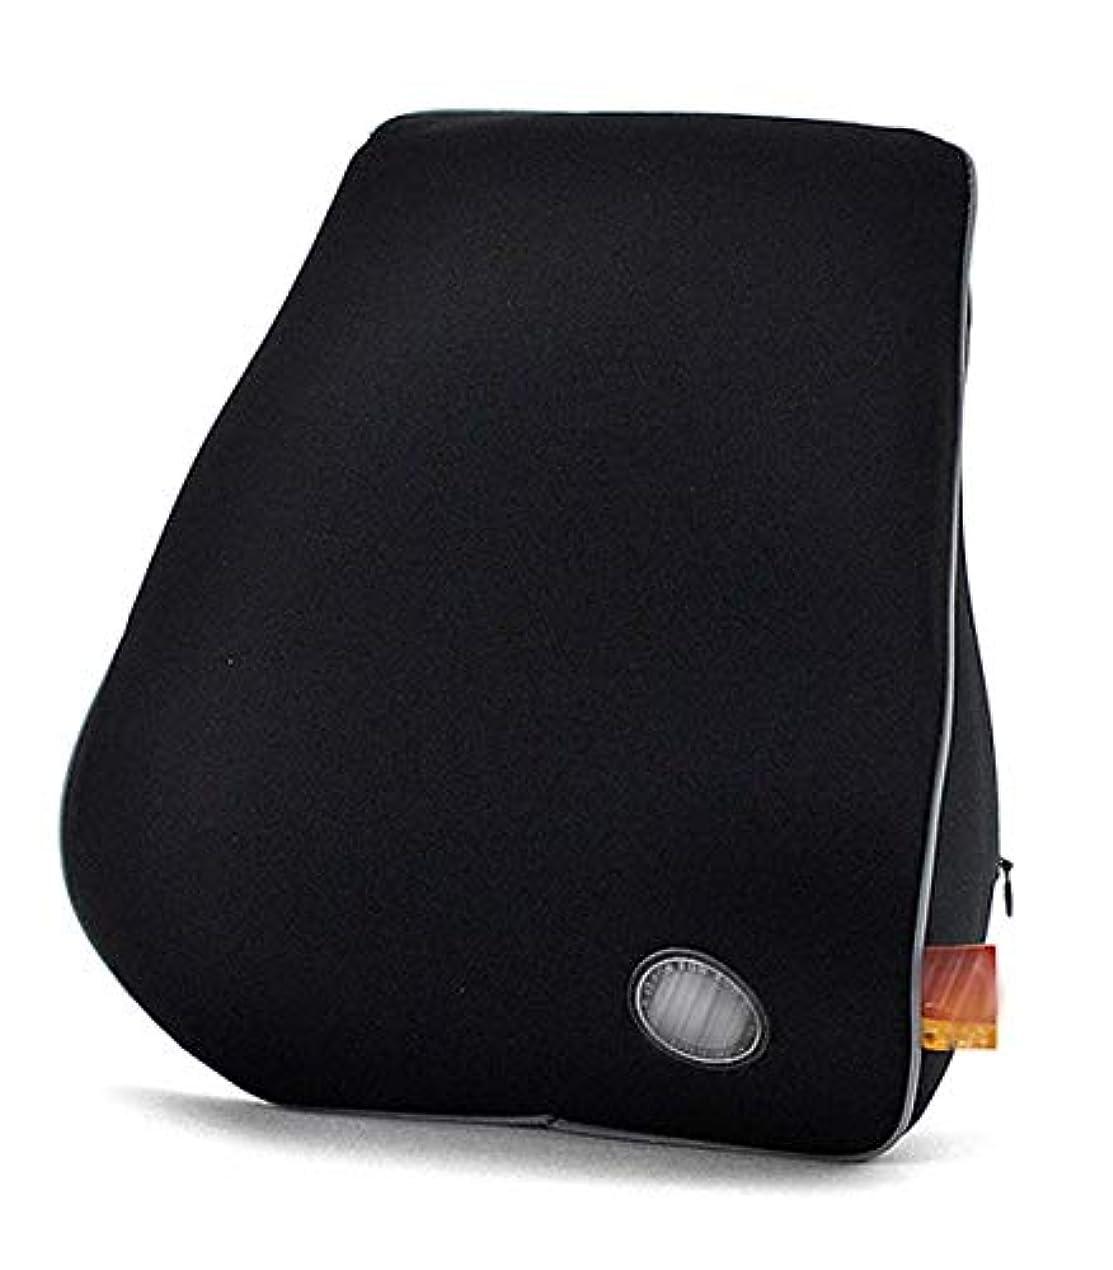 性差別賞縫い目カーカーシートプロテクター用シートカバー 背骨を保護するための調節可能な高さの記憶泡が付いている車のヘッドレスト カーシートクッションカーシートマット (色 : Black)